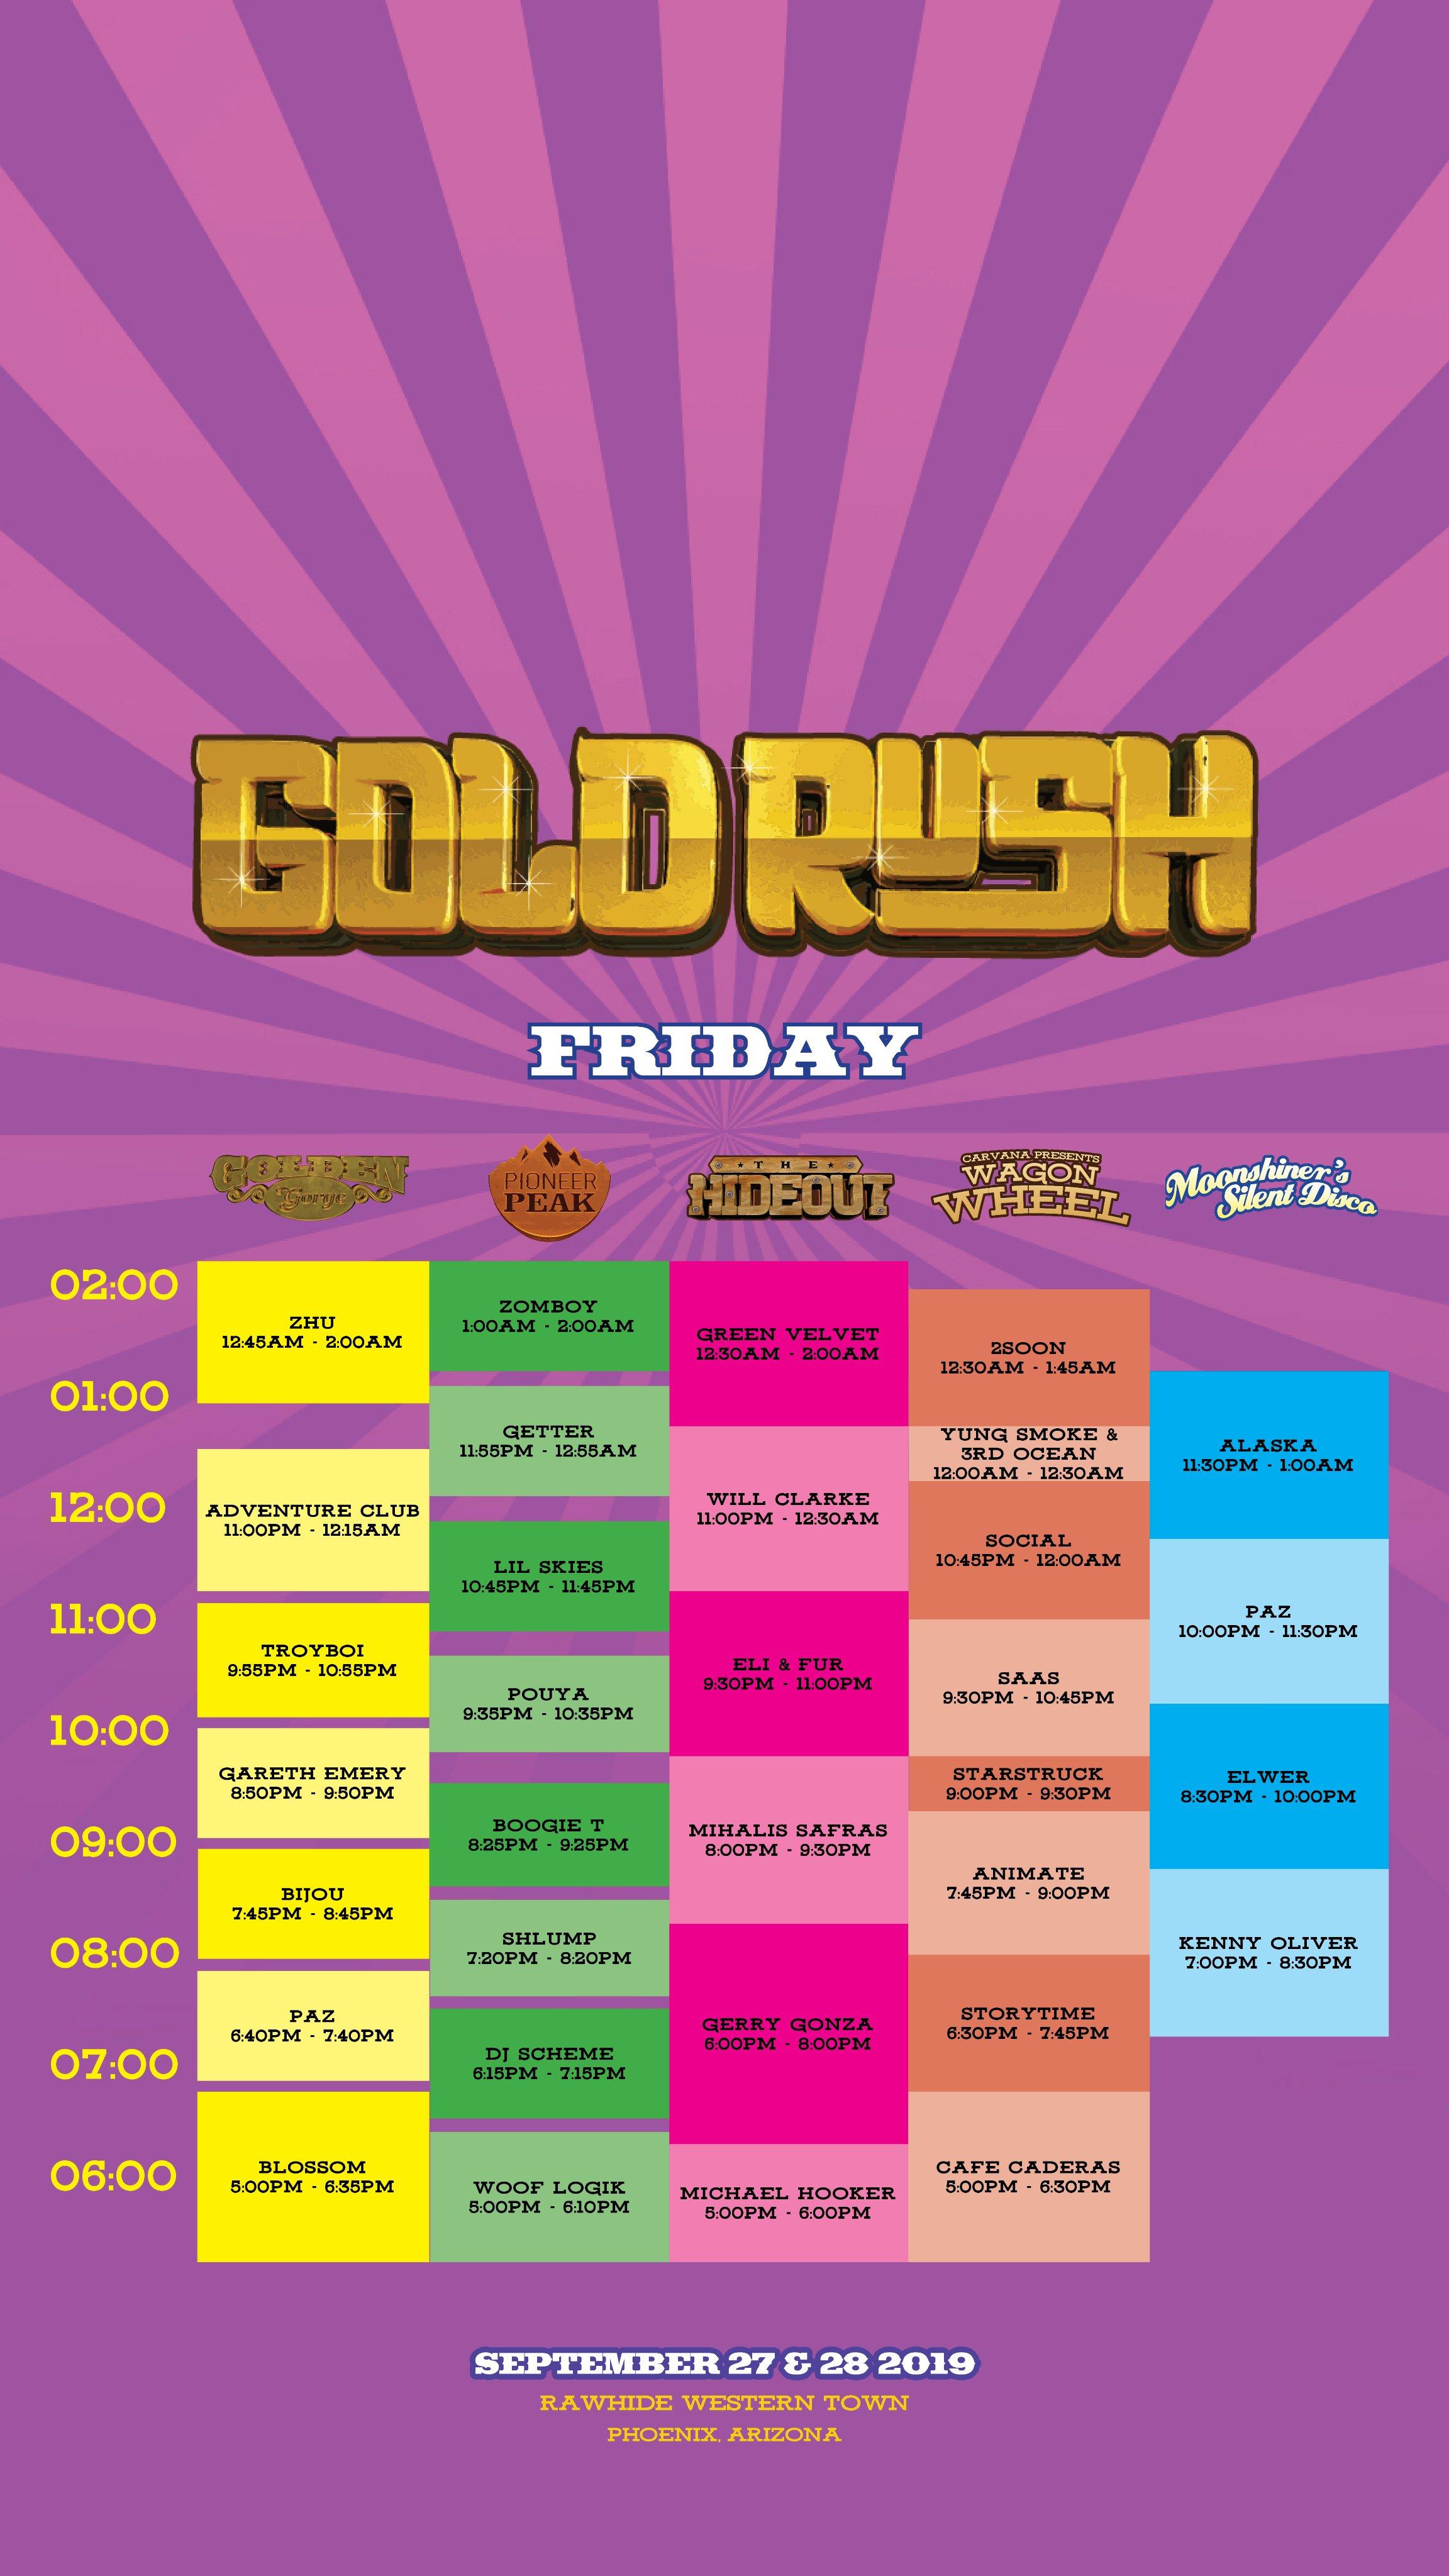 Goldrush Festival schedule 2019